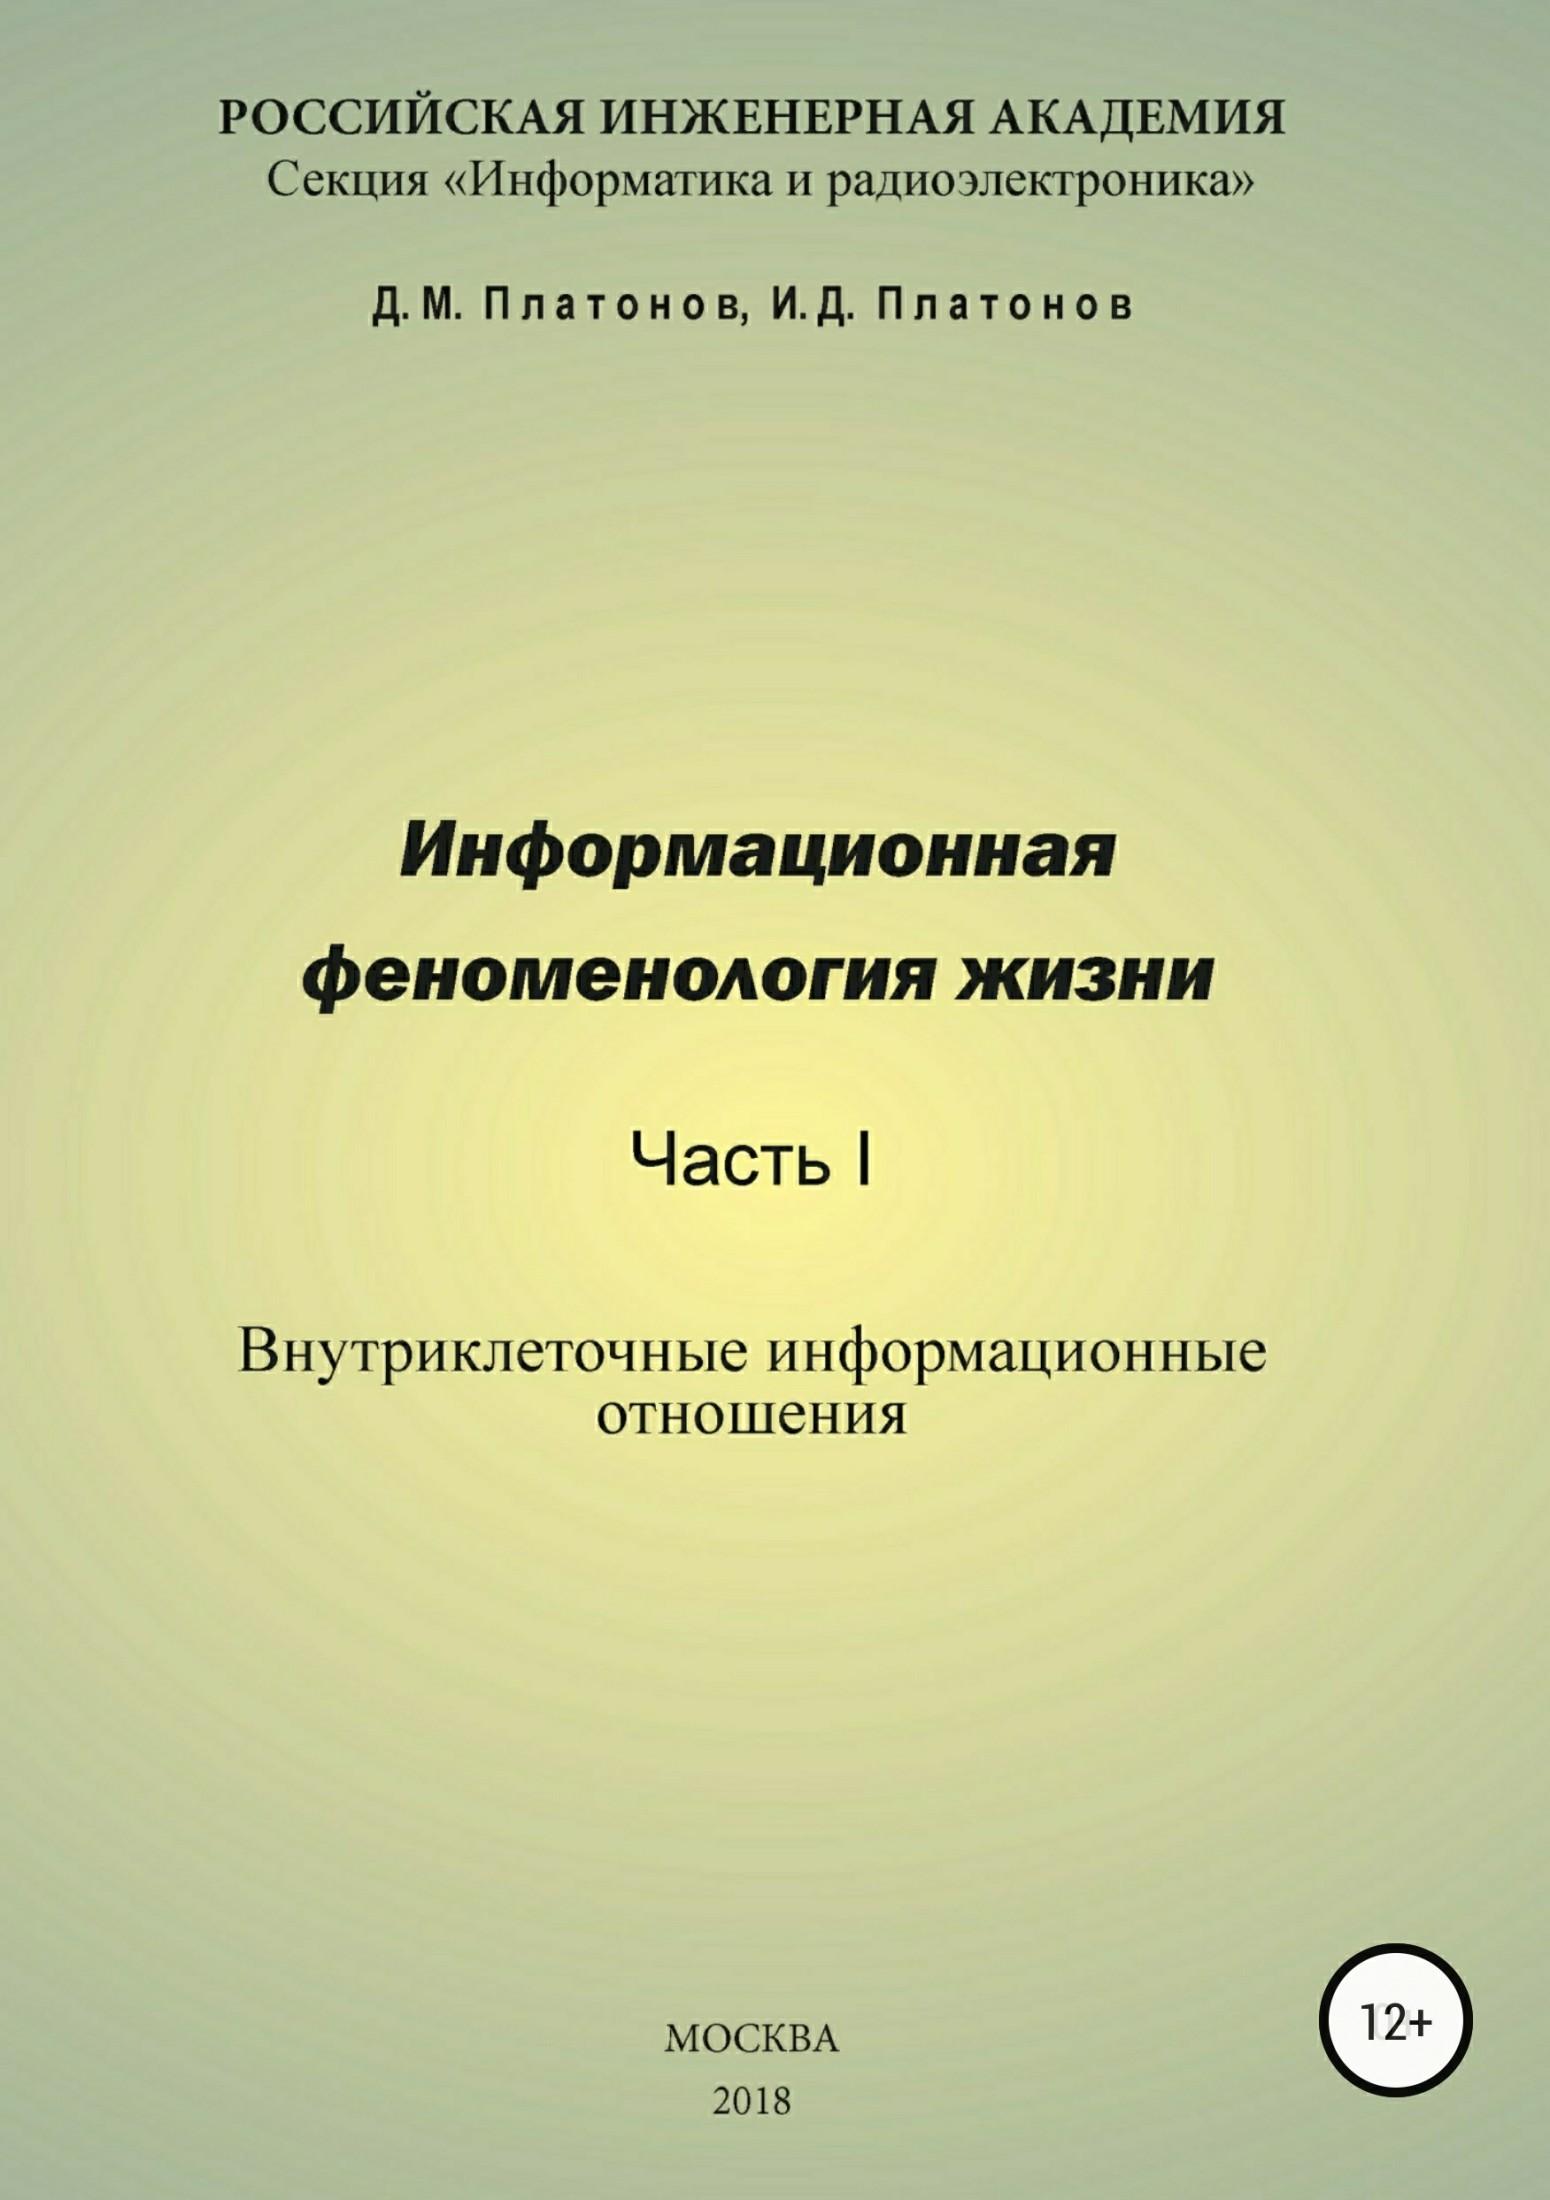 Даниил Михайлович Платонов Информационная феноменология жизни. Часть I: Внутриклеточные информационные отношения